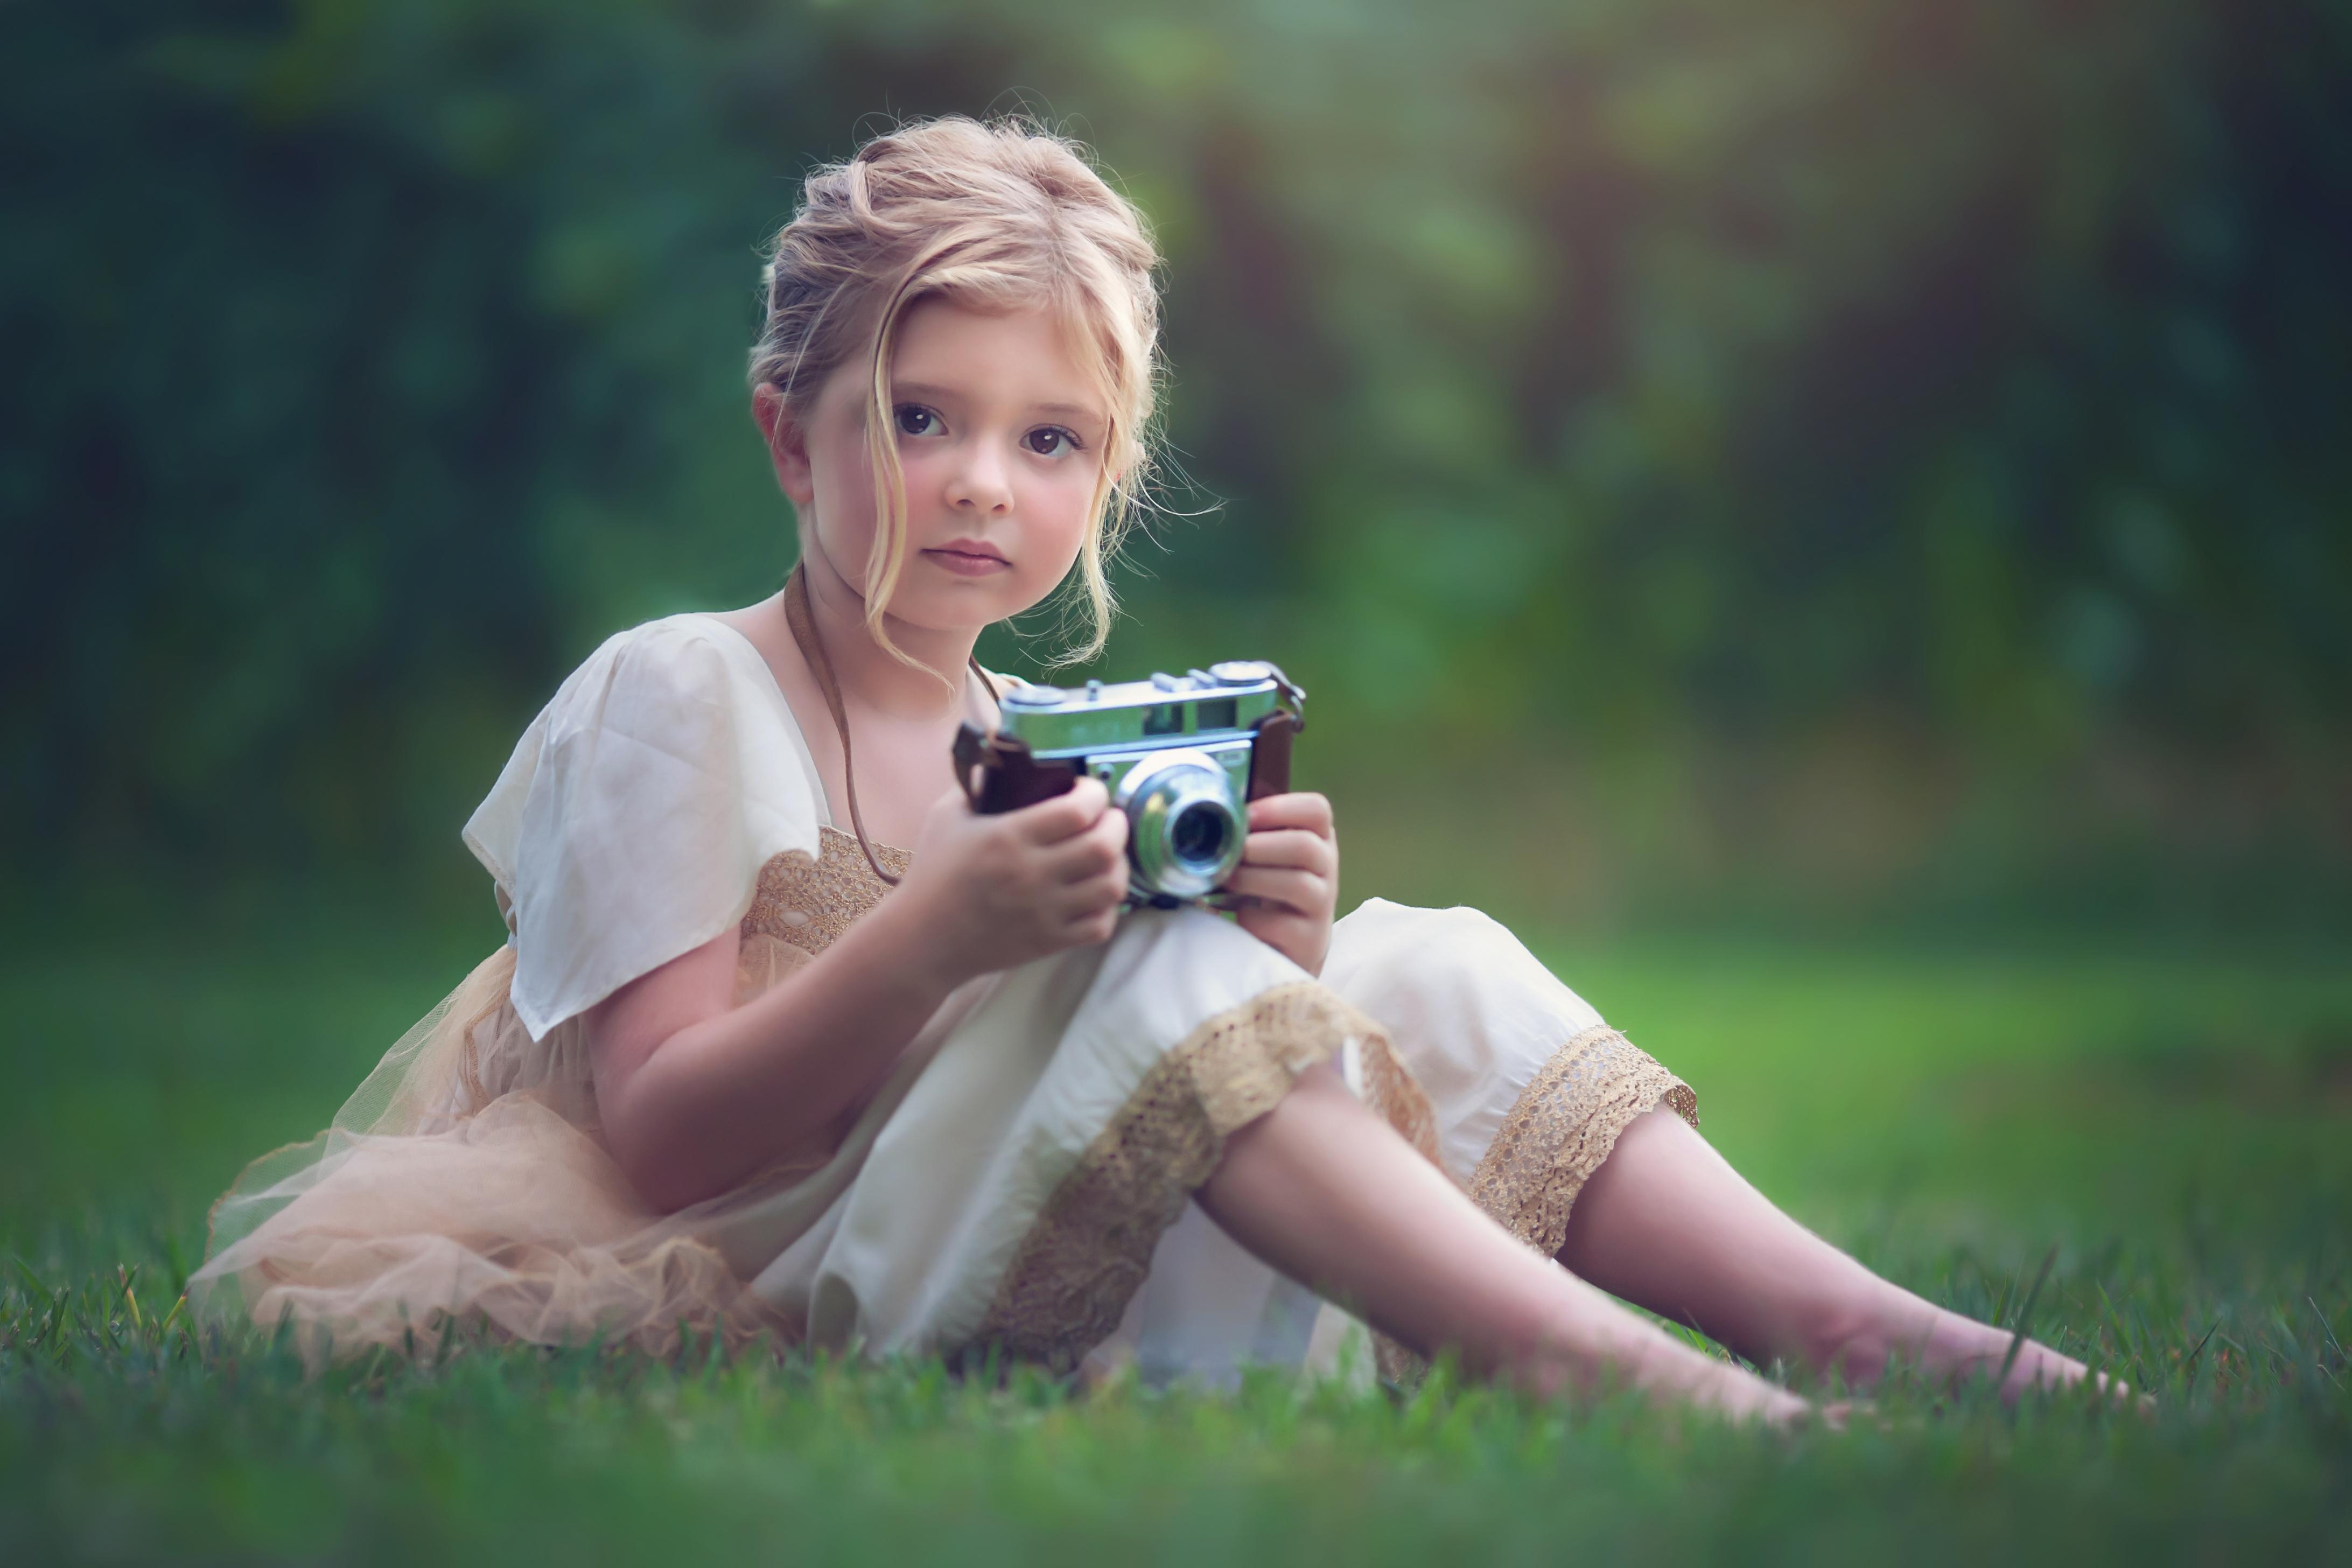 Моя маленькая девочка картинка